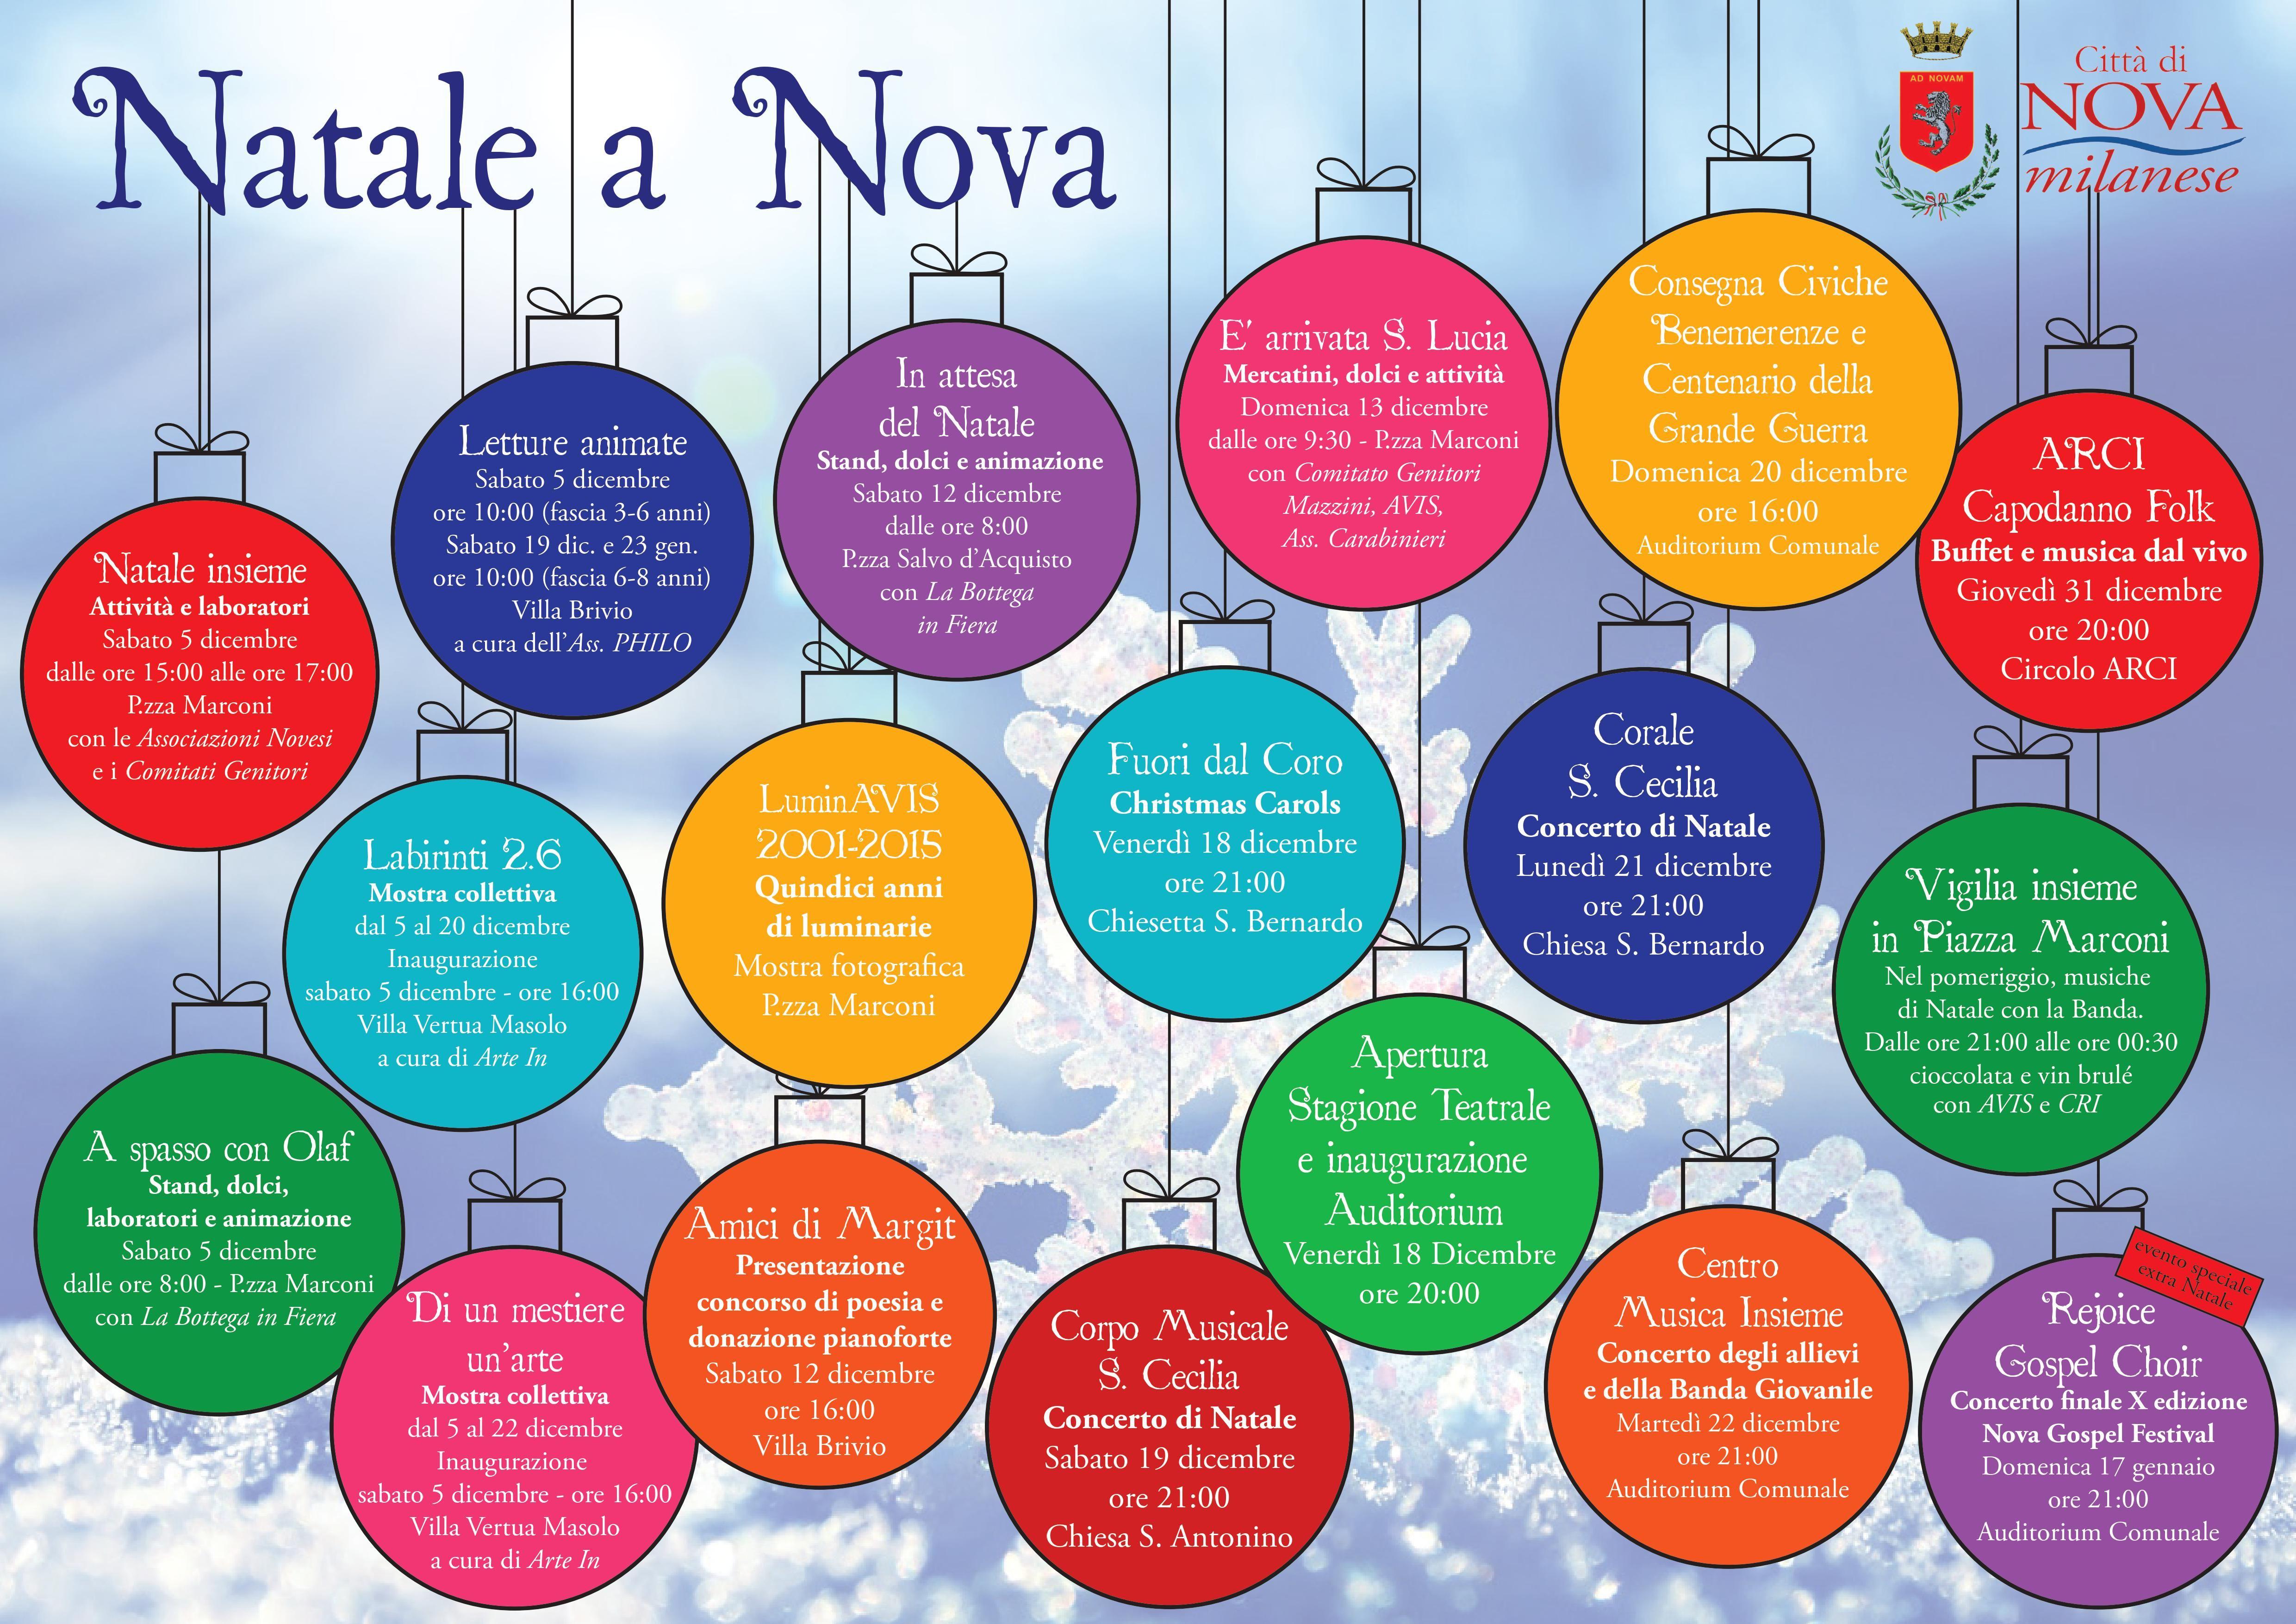 Natale a Nova 2015